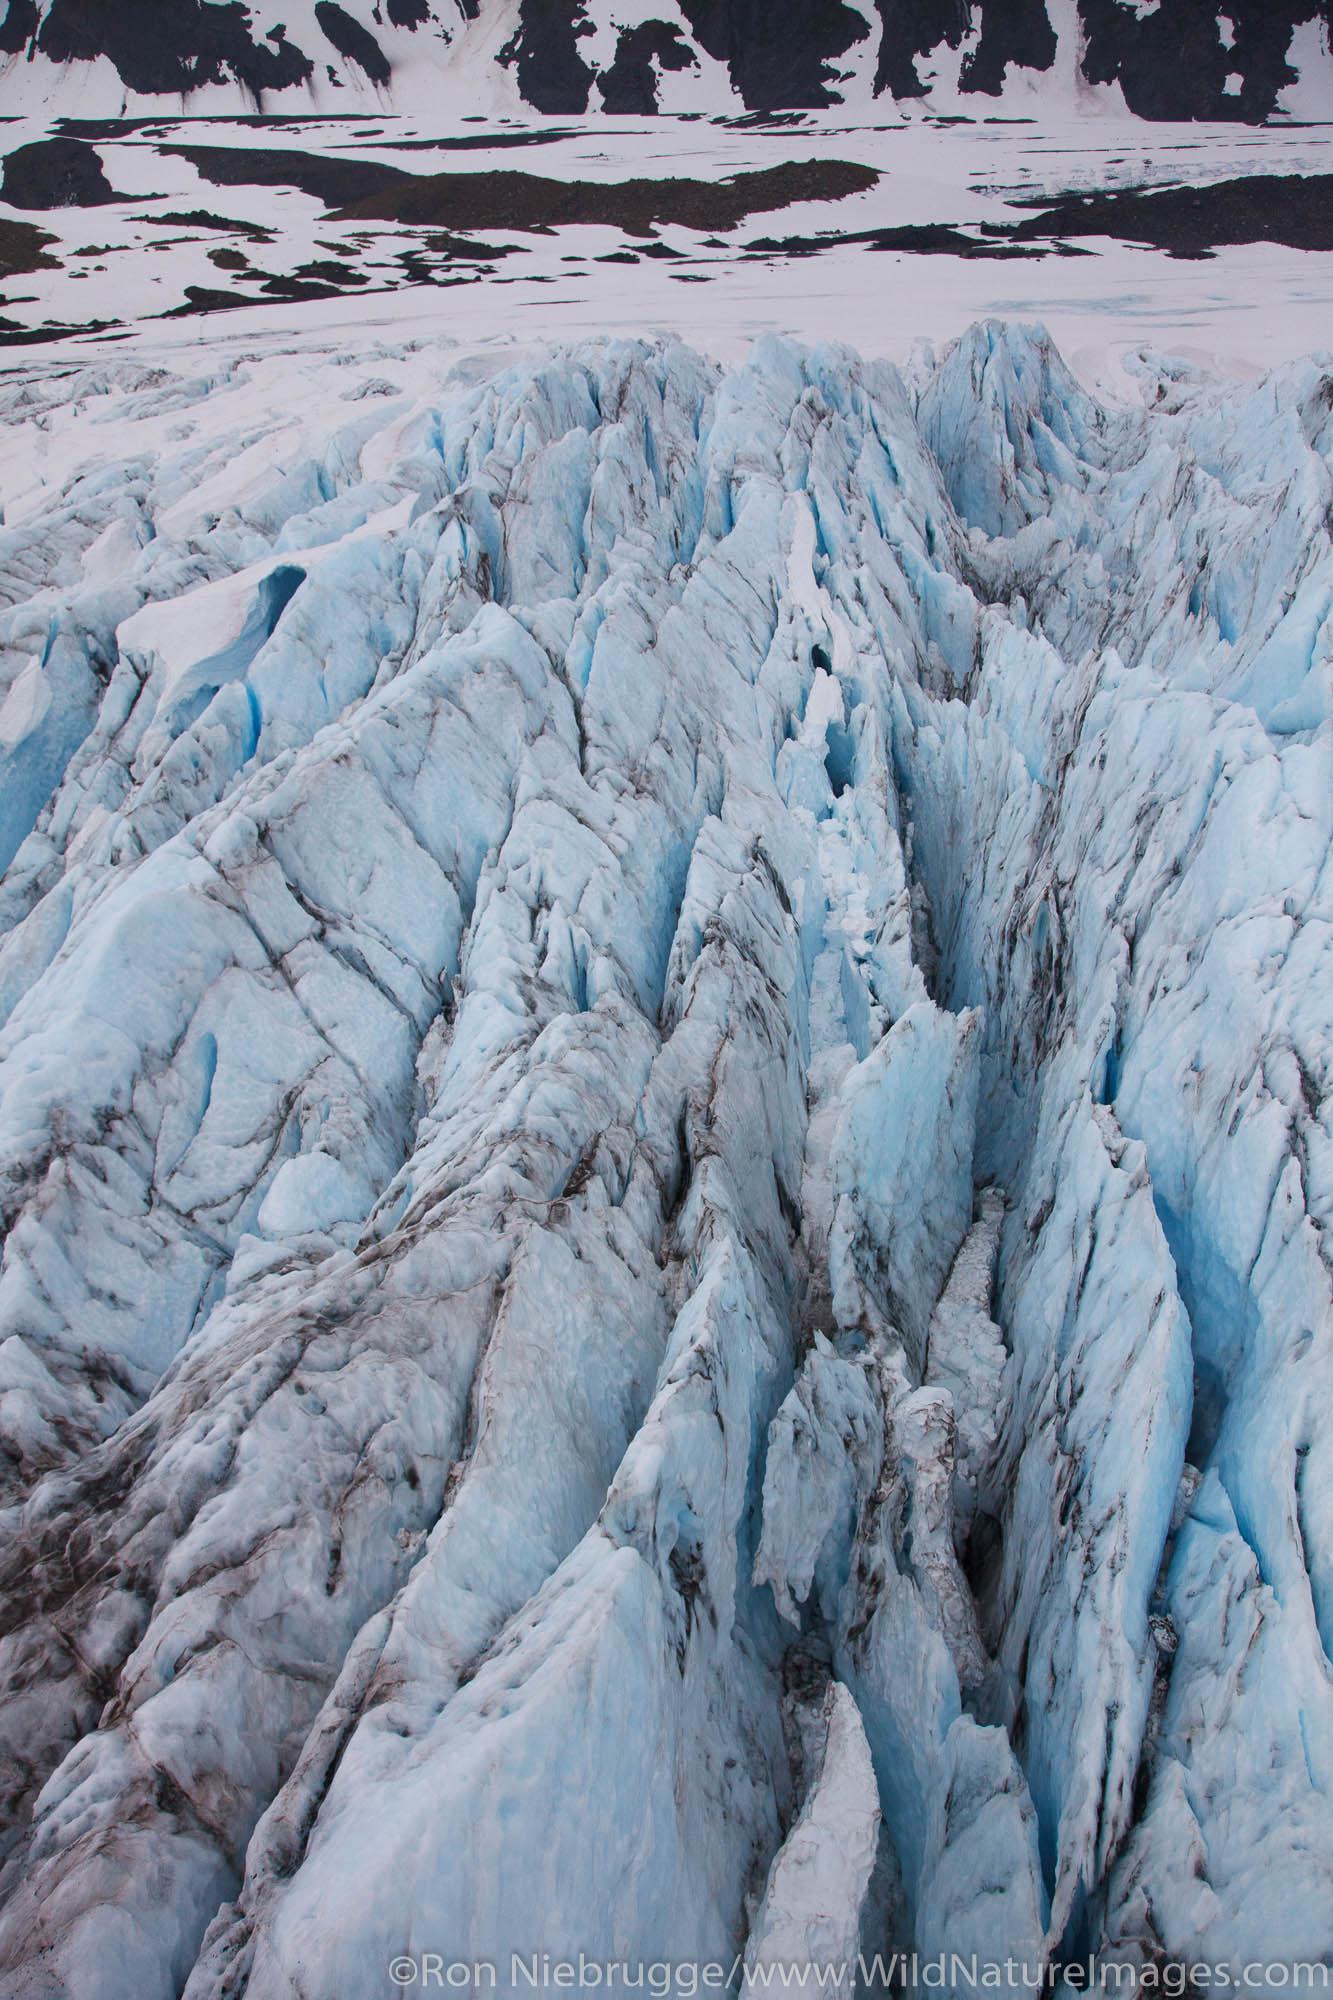 Aerial Twentymile Glacier, Chugach National Forest, Alaska.